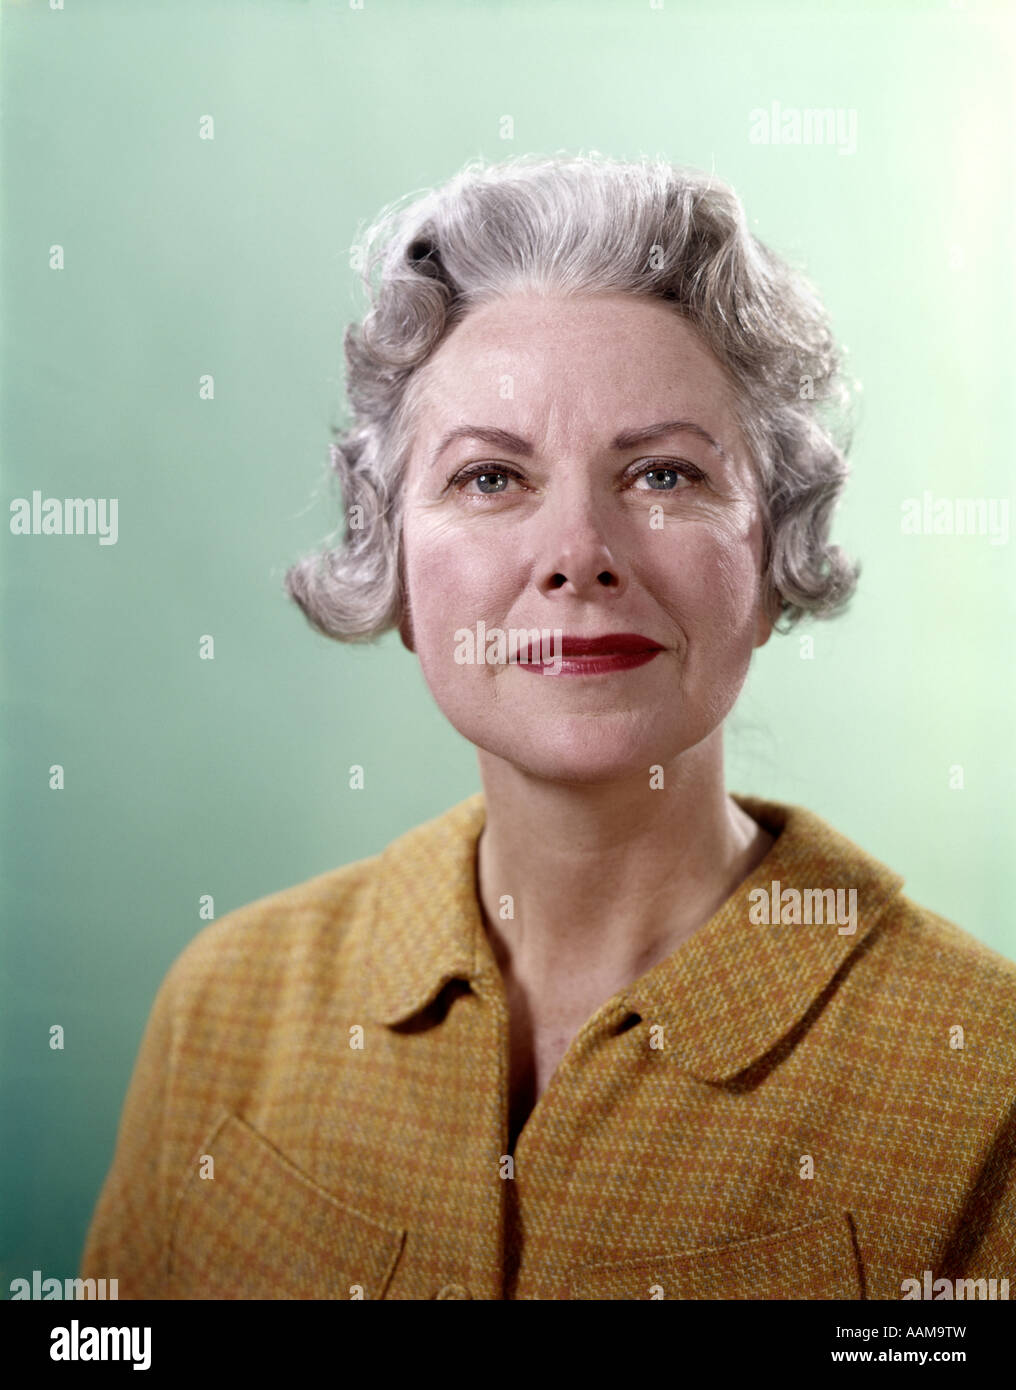 GOLD RETRO EXPRESSION WOMAN PERSONNES MATURE FEMMES TOP SENIOR PORTRAIT 1960 AÎNÉS Le CHEQUE SOURIRE ÂGÉES AGRÉABLE 1960 gris cheveux 6SxUCqnzw